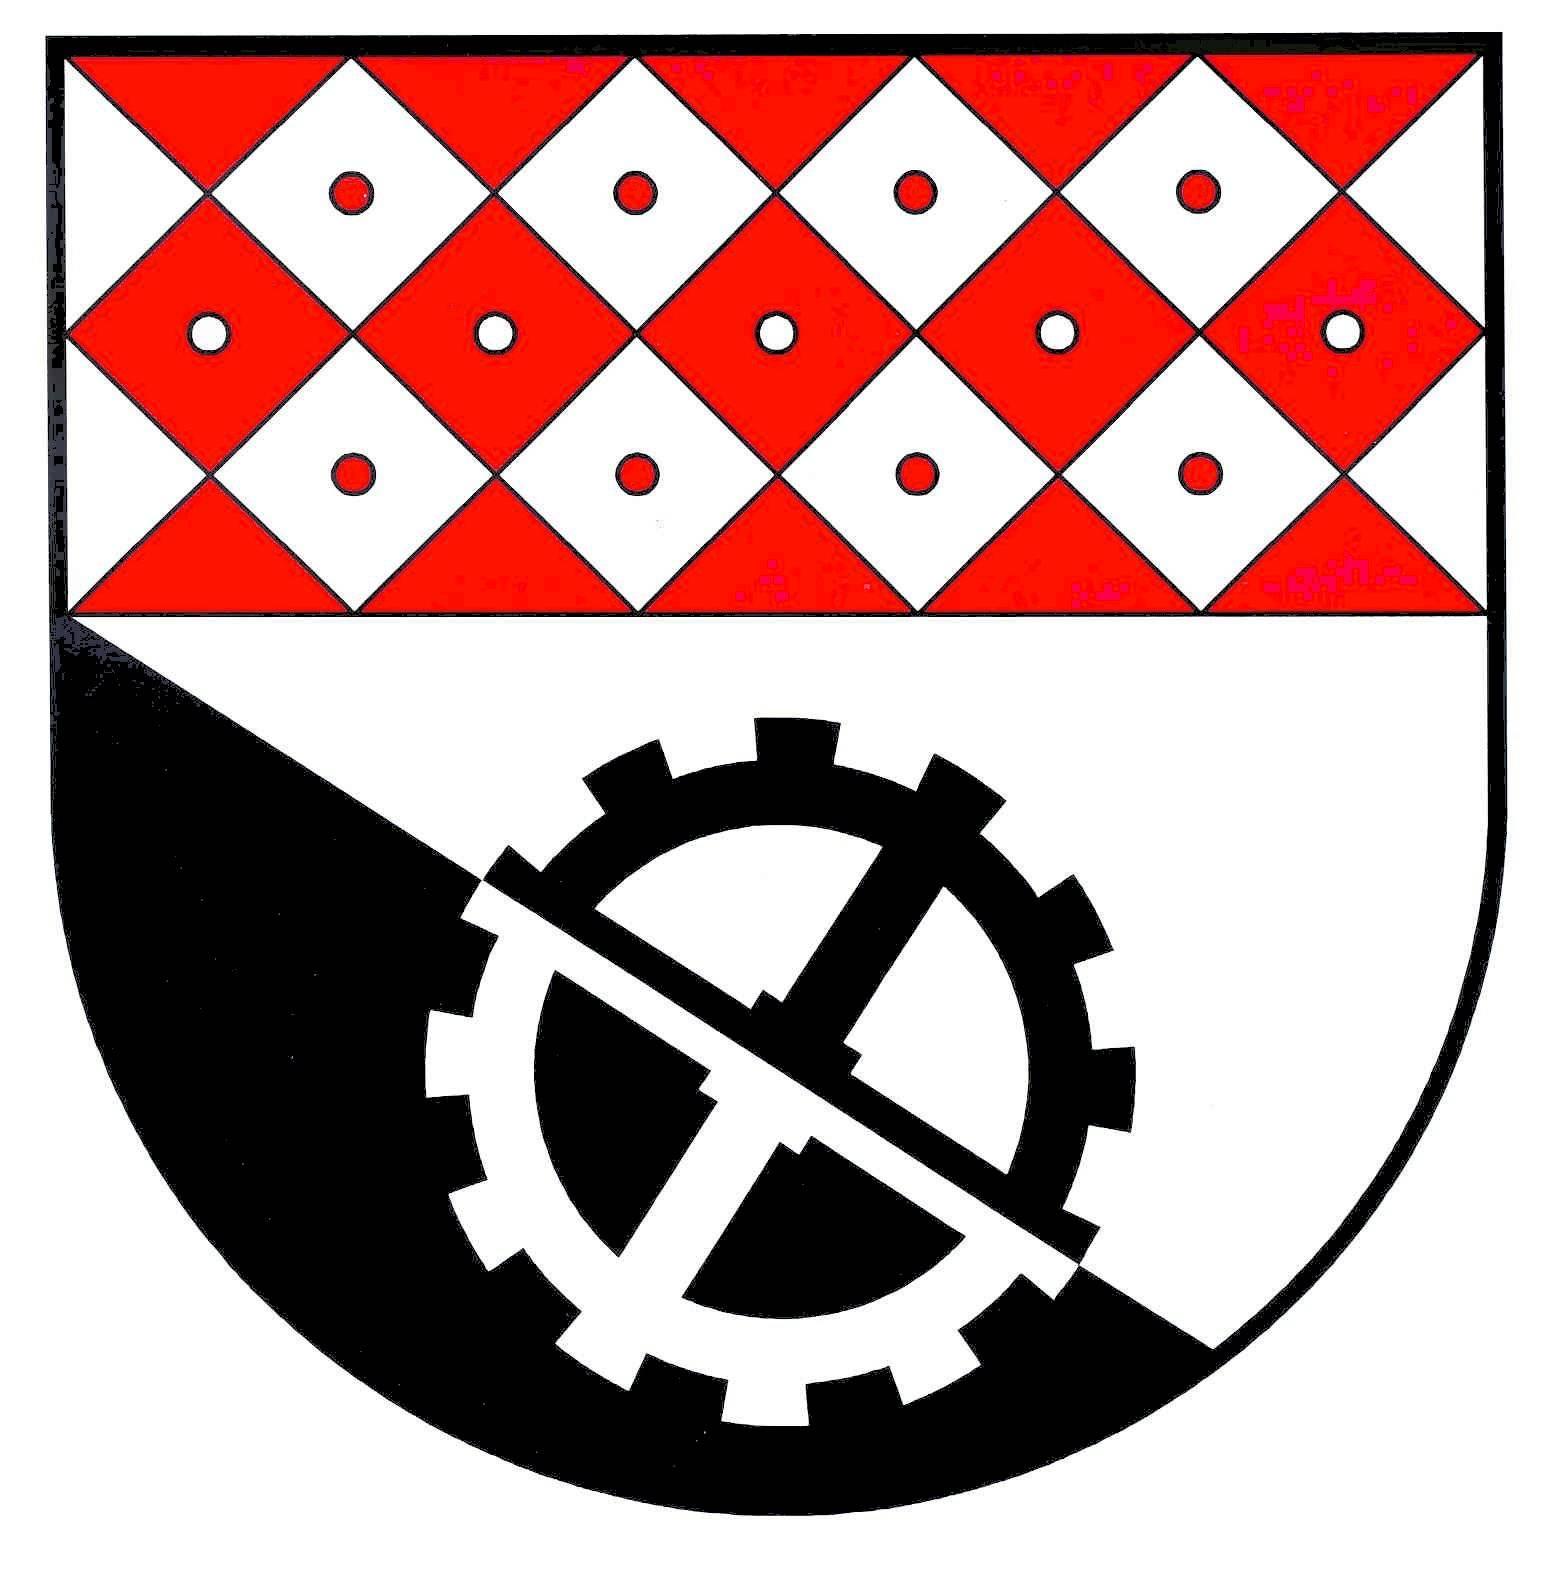 Wappen GemeindeBehlendorf, Kreis Herzogtum Lauenburg